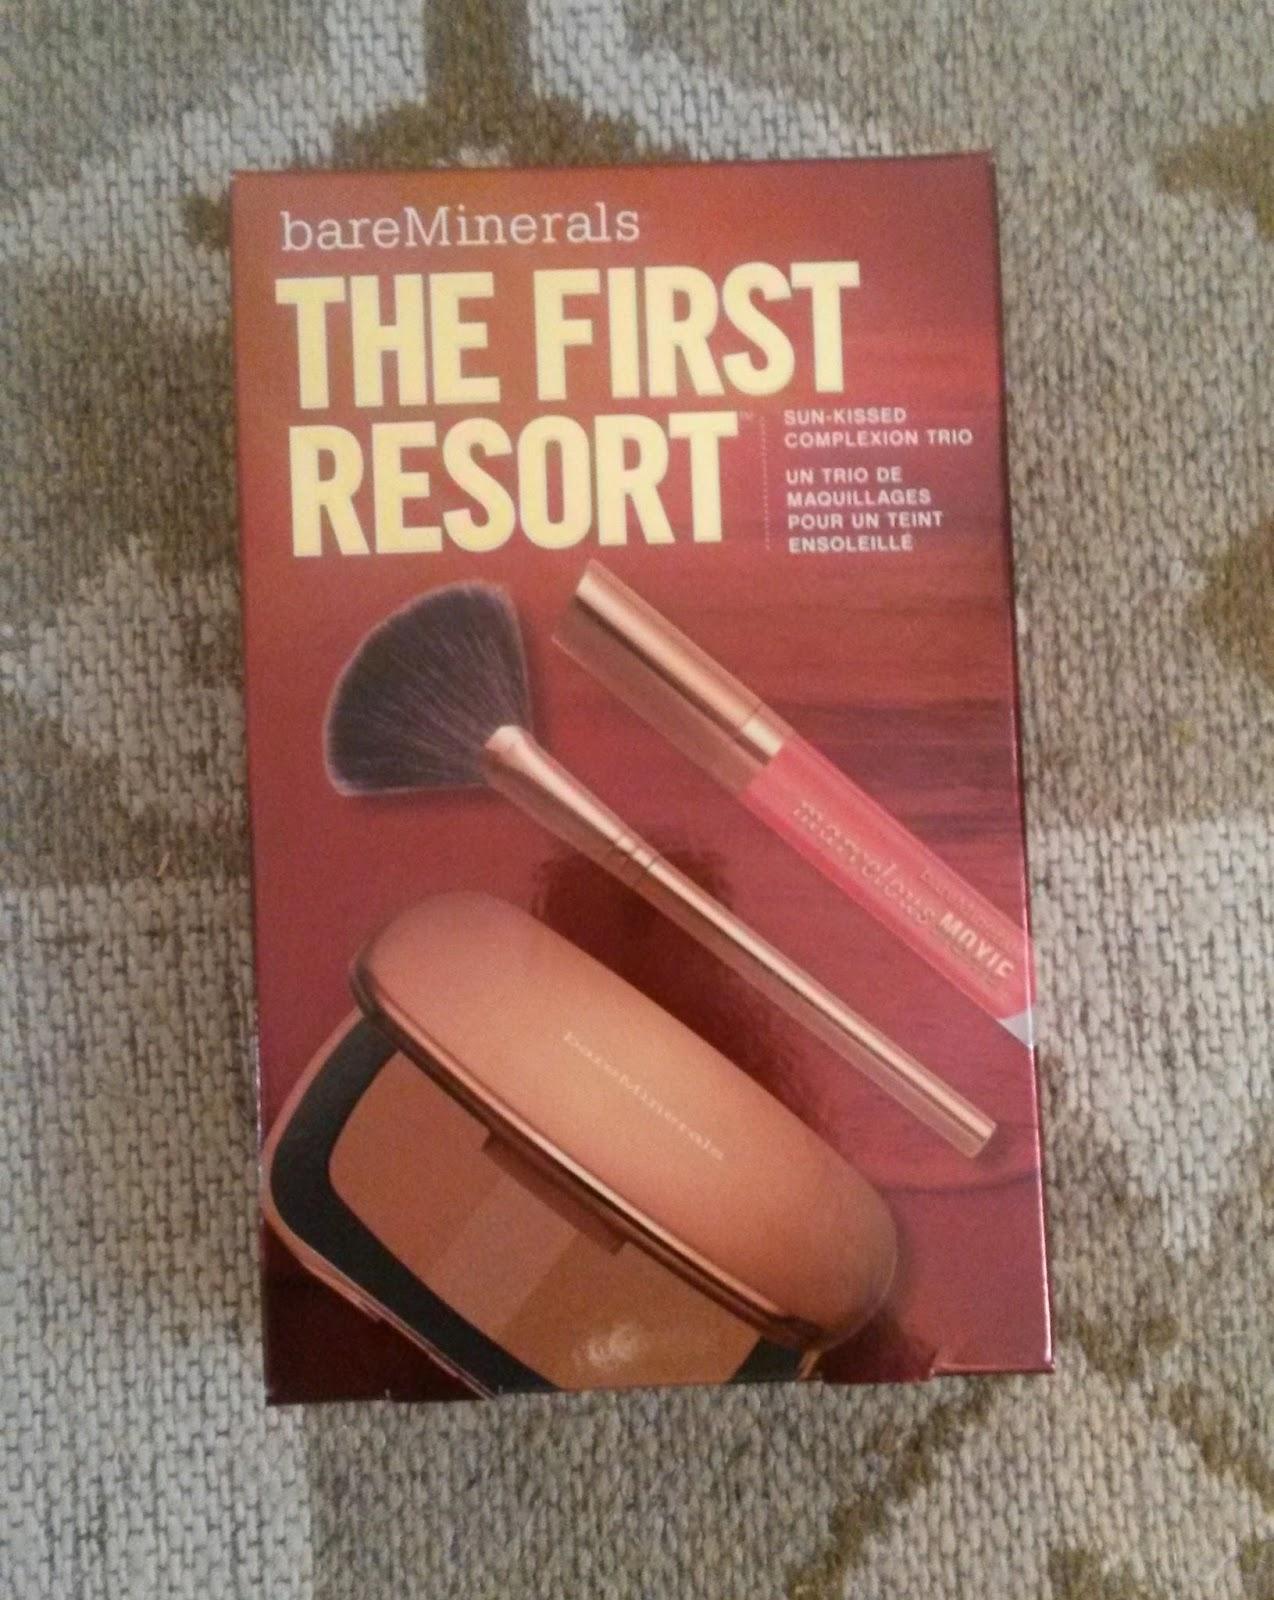 first kit resort bareminerals poudre soleil bronzer